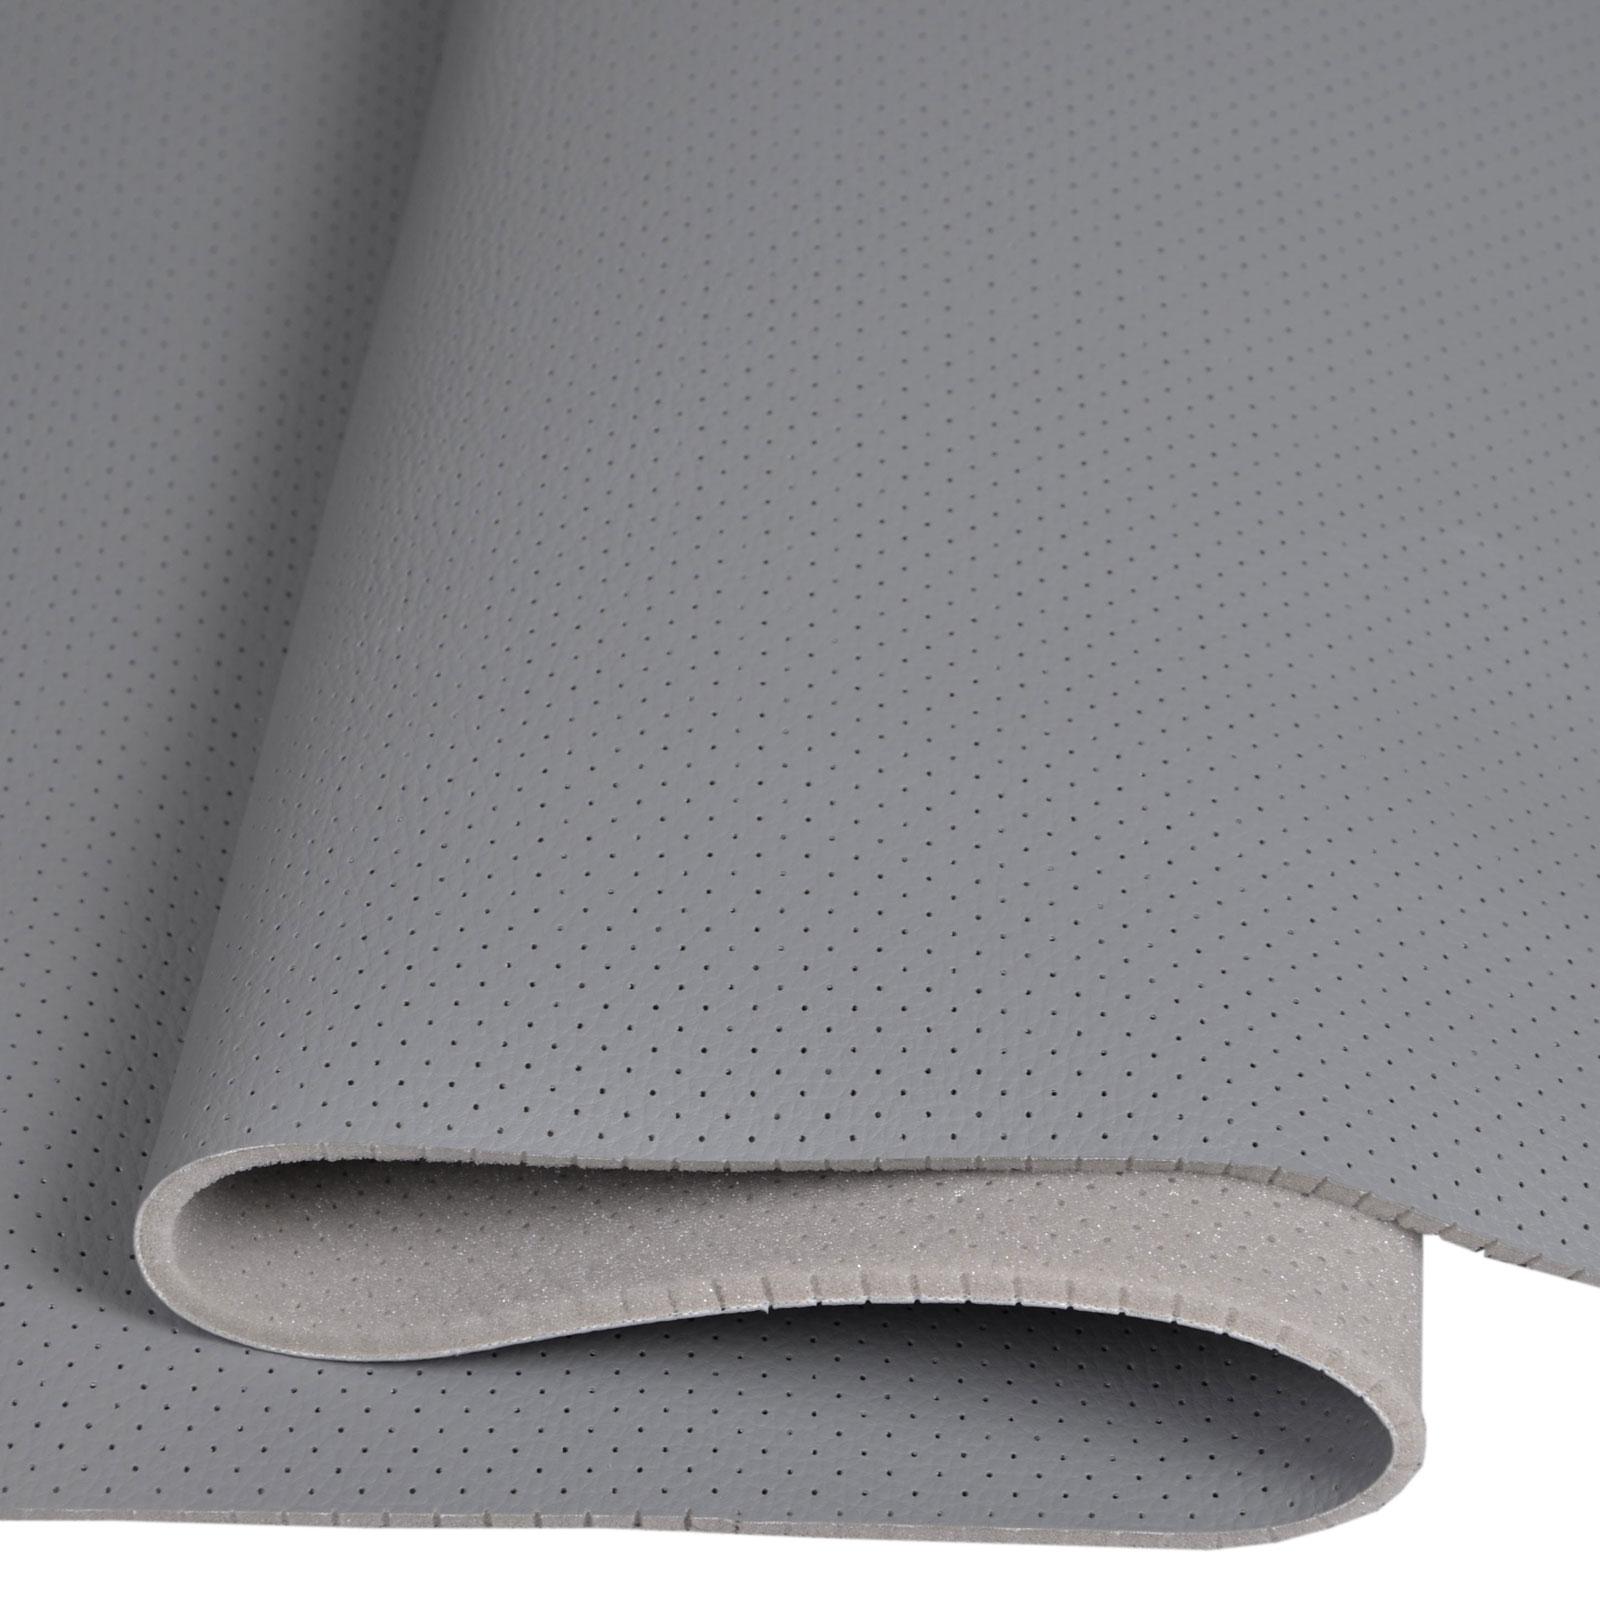 Kunstleder Leder PVC Sitzbezug perforiert kaschiert T130/_09 Grau